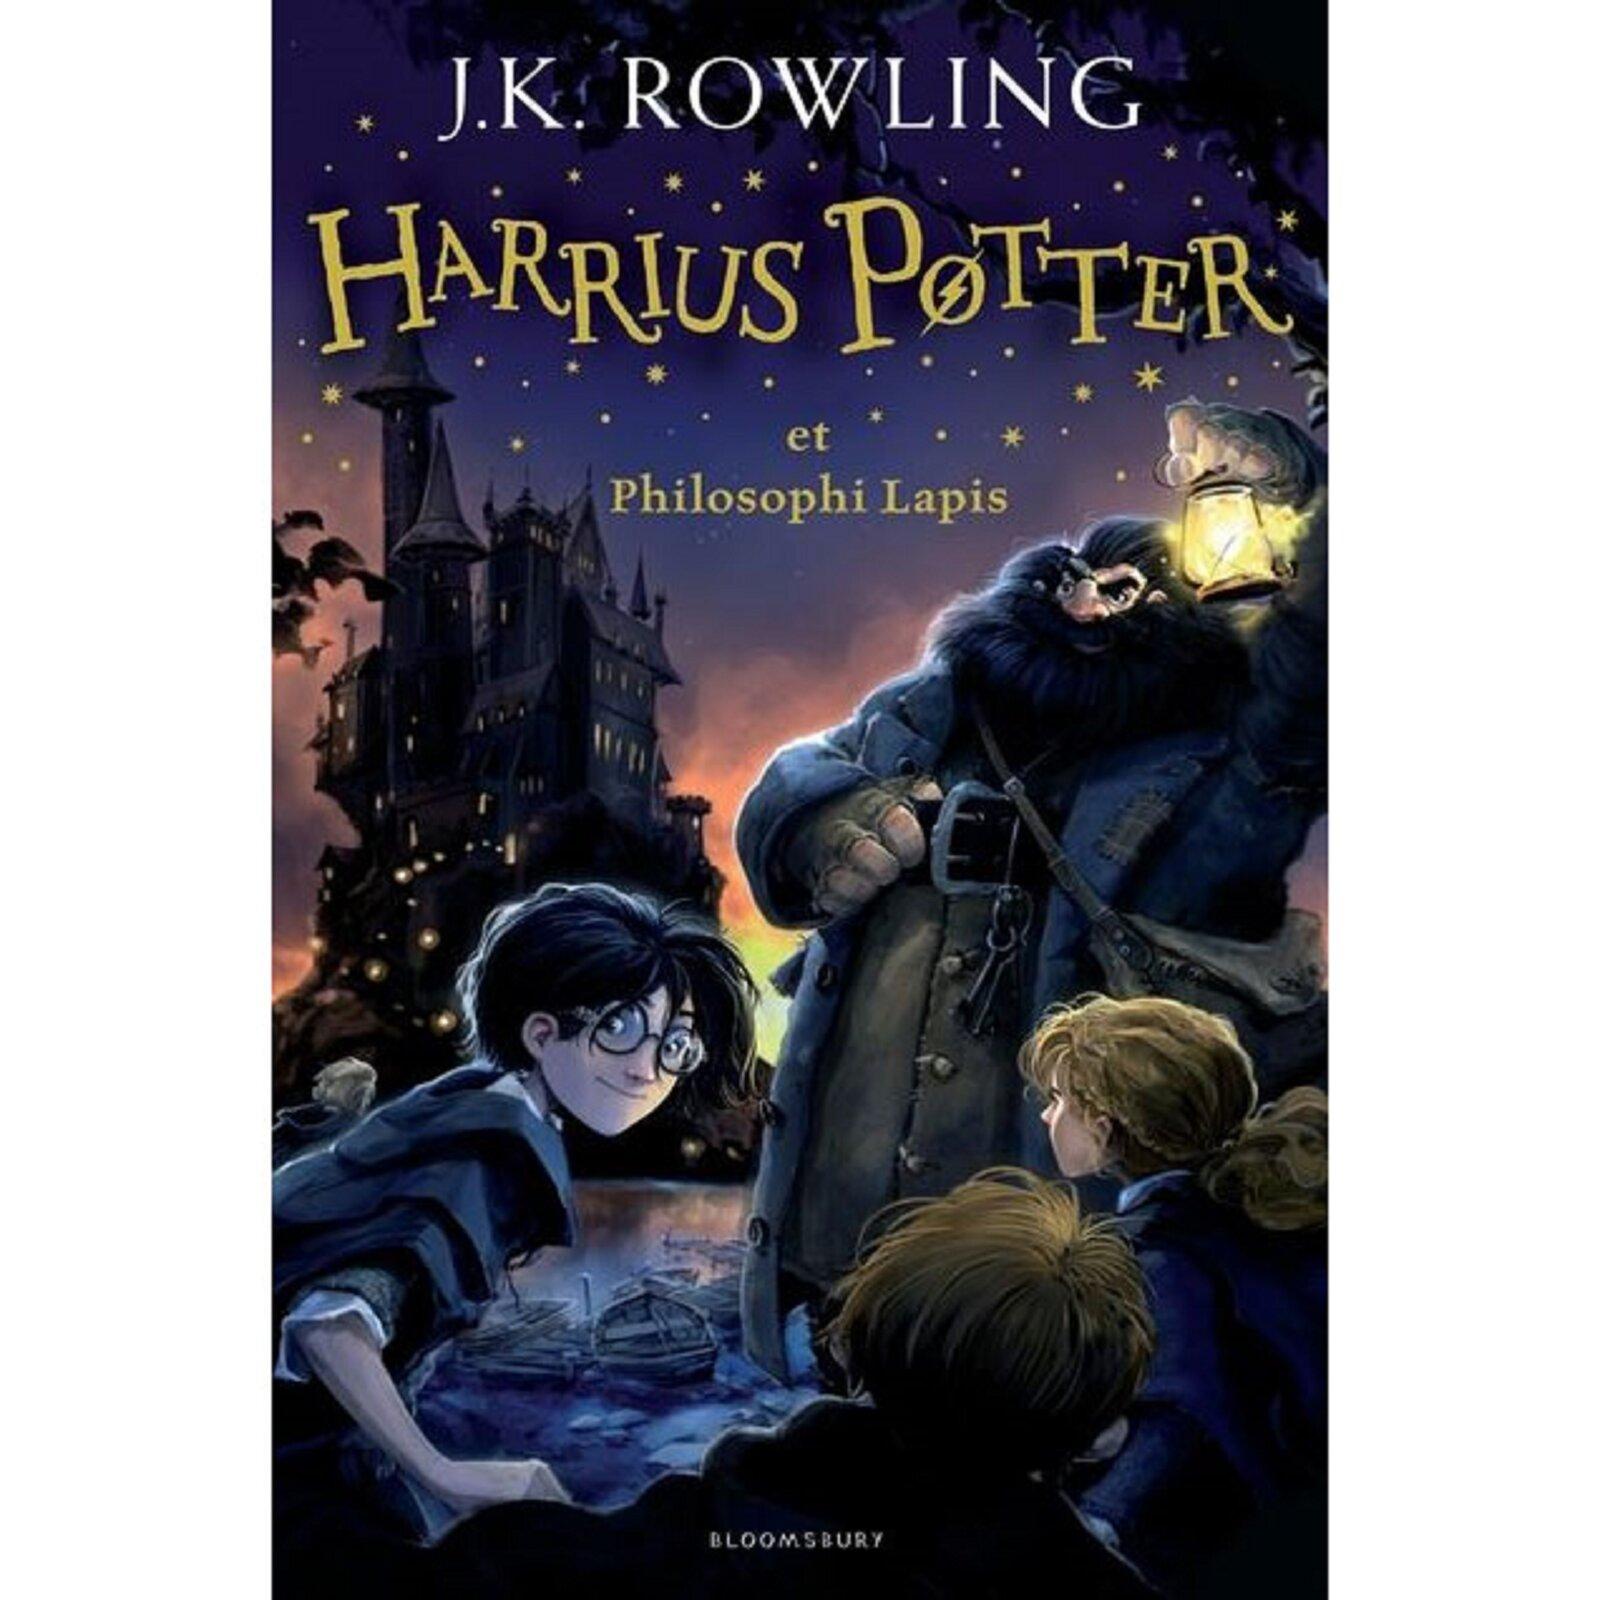 """Ilustracja przedstawia stronę tytułową książki J. K. Rowling pod tytułem """"Harry Potter ikamień filozoficzny"""" przetłumaczoną na język łaciński. Strona tytułowa zawiera (od samej góry) imię inazwisko autorki oraz tytuł przetłumaczony na język łaciński – HARRIUS POTTER ET PHILOSOPHI LAPIS. Pod tytułem znajduje się ilustracja, na której przedstawiono postać Harrego Pottera, Rona, Hermiony oraz Hagrida. Harry przedstawiony jest jako mały chłopiec okruczo czarnych włosach iwczarnej pelerynie. Obok Harrego widoczne są plecy Rona oraz Hermiony. Nad całą trójką czuwa Hagrid – wysoki mężczyzna obujnej fryzurze izaroście. Hagrid ubrany jest wgranatowy długi płaszcz oraz ciemną koszulę. Wtle widoczny jest Hogwarth – szkoła magii."""